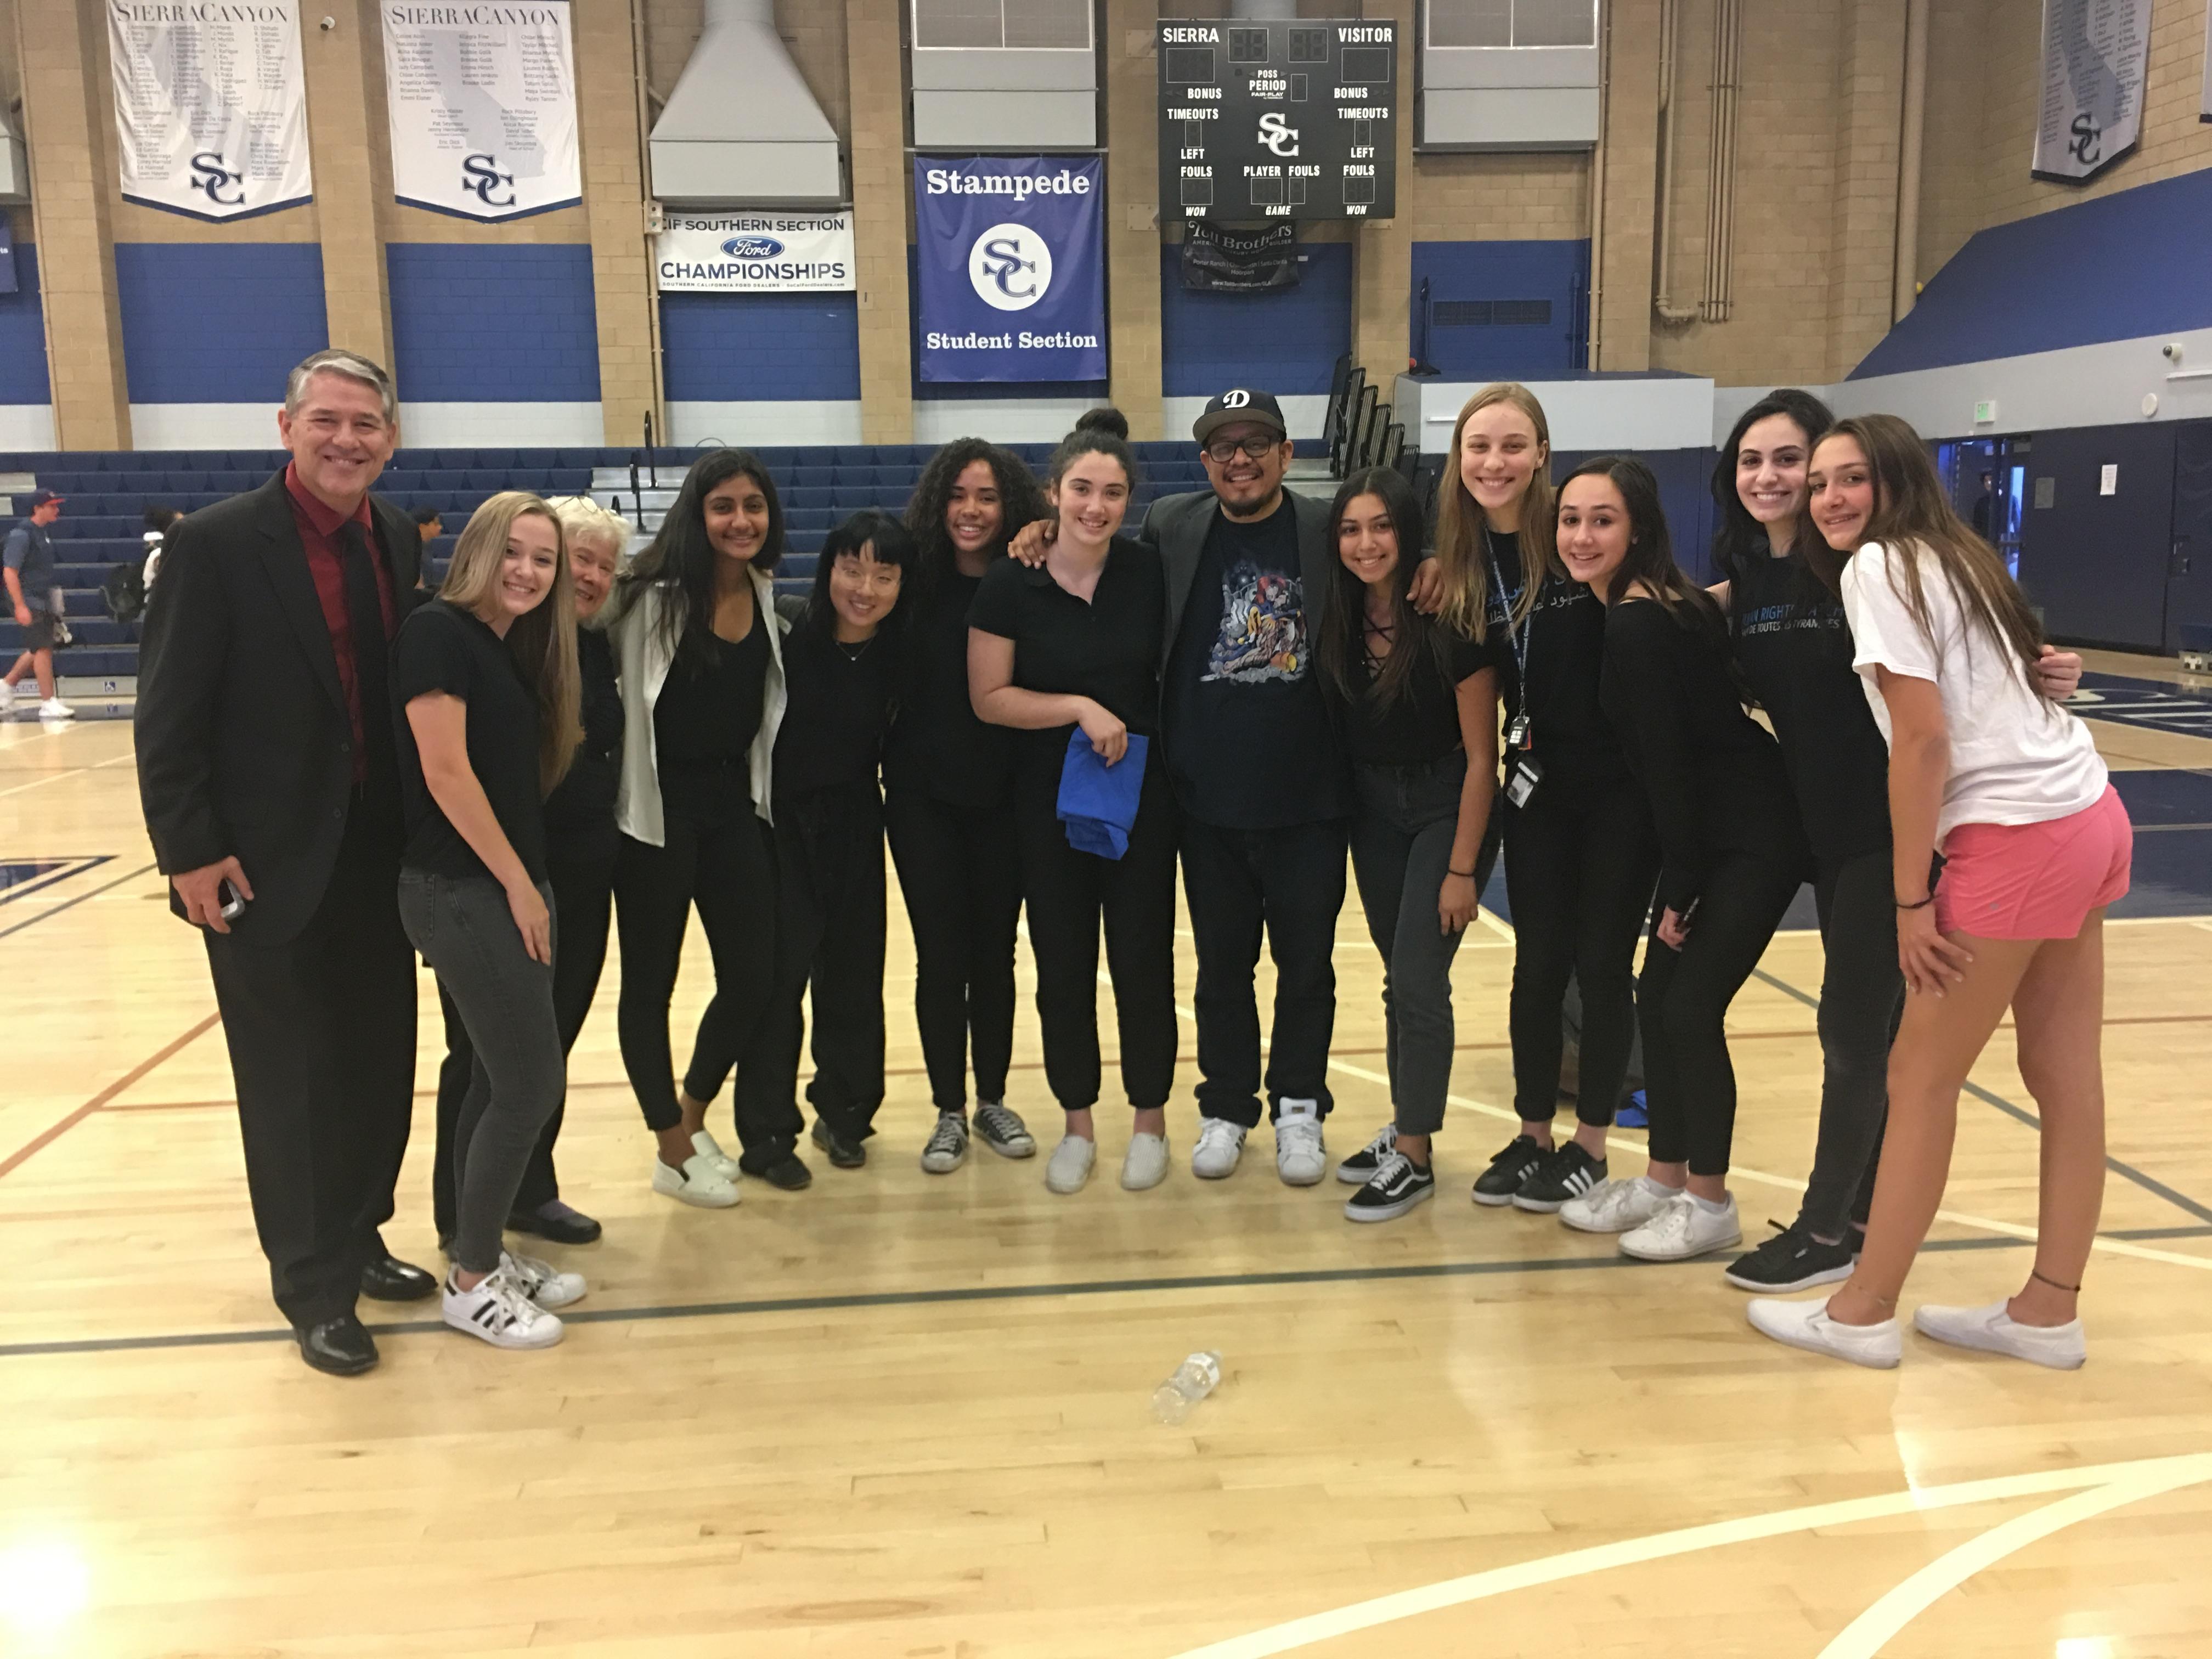 Sierra Canyon High School